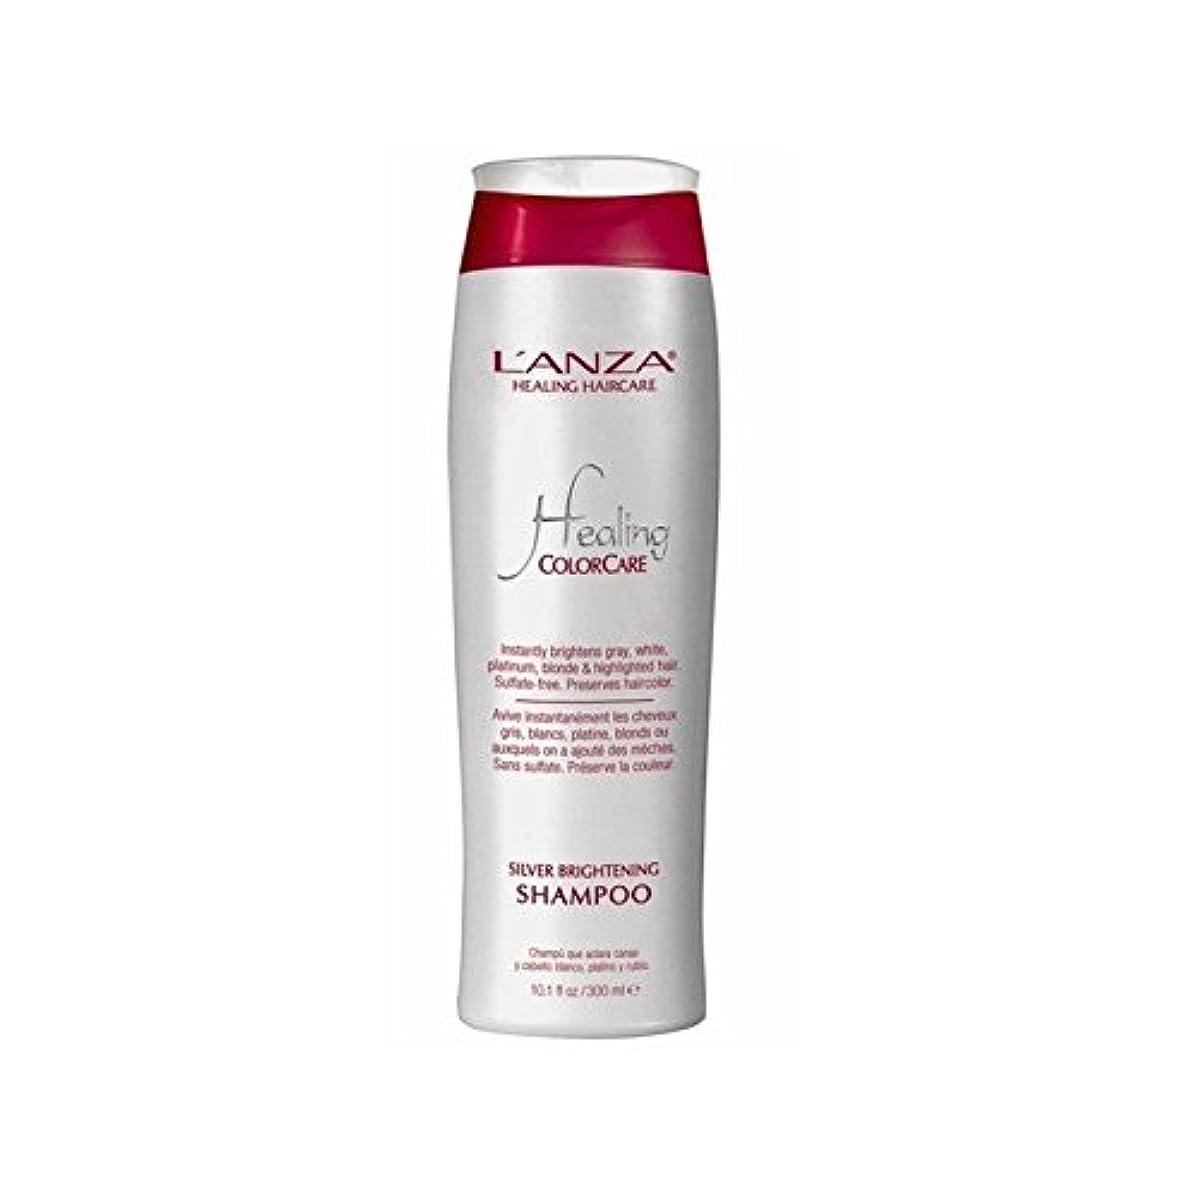 リーク被害者仮装L'Anza Healing Colorcare Silver Brightening Shampoo (300ml) - 銀光沢シャンプーを癒し'アンザ(300ミリリットル) [並行輸入品]